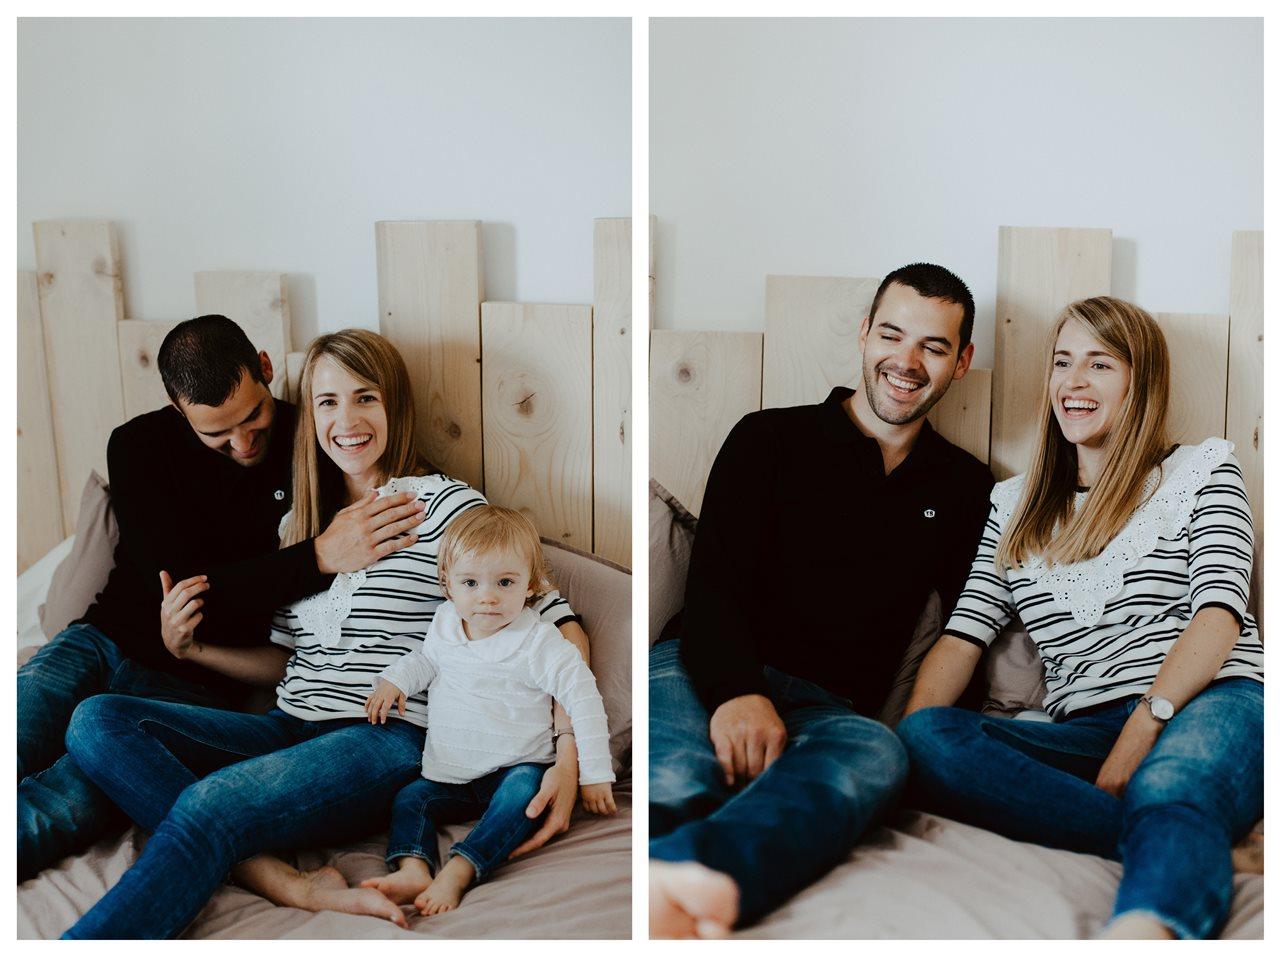 séance famille lifestyle maison calin lit parents enfant